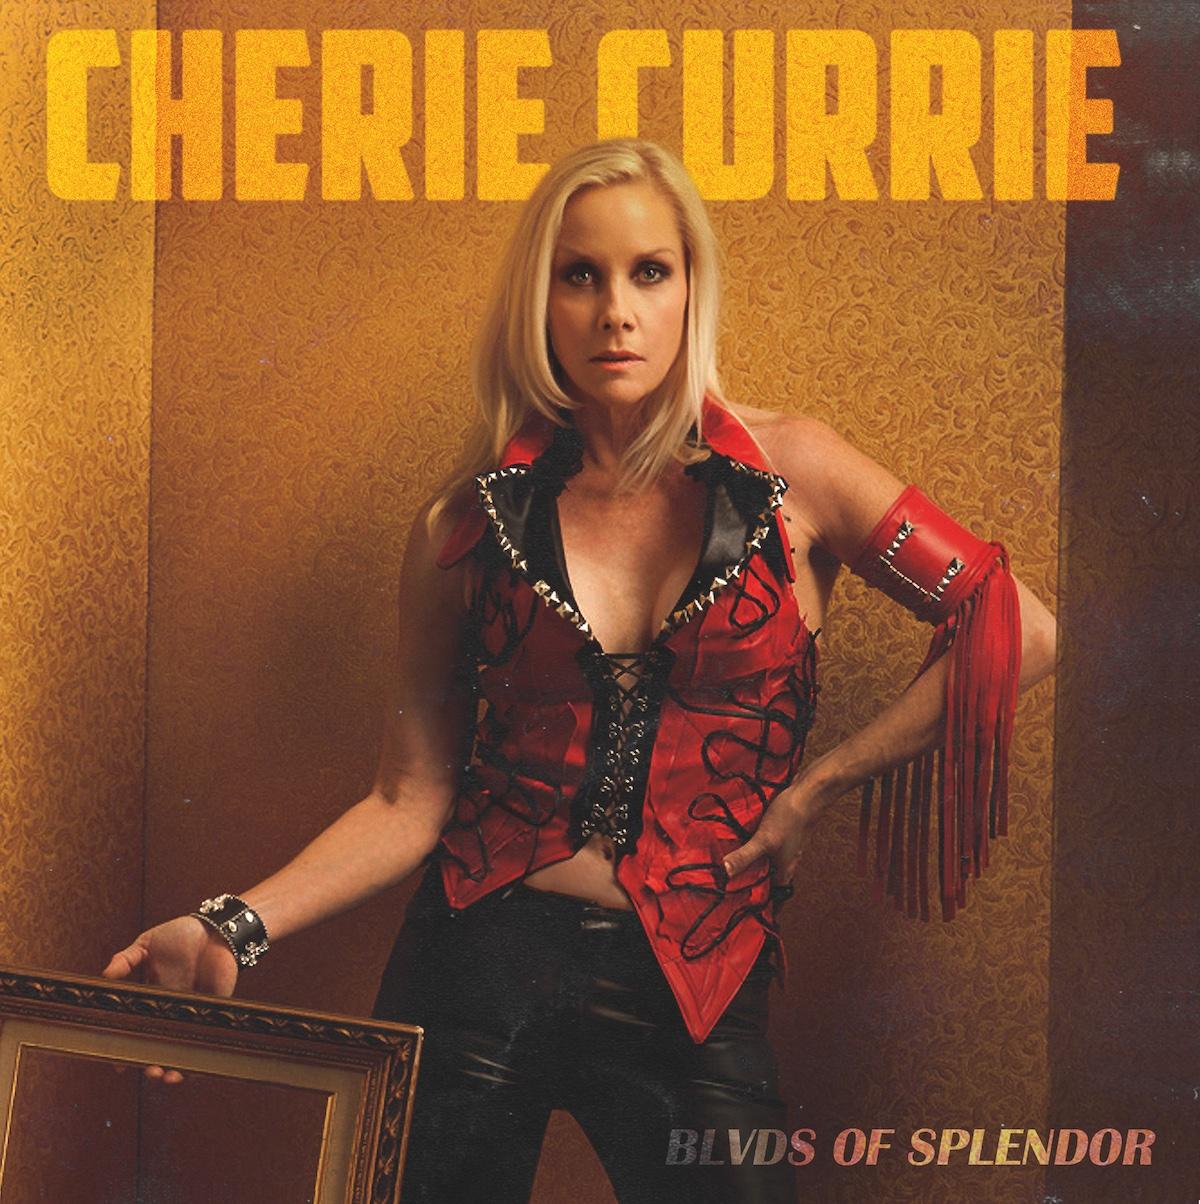 Cherie Currie Blvds of Splendor